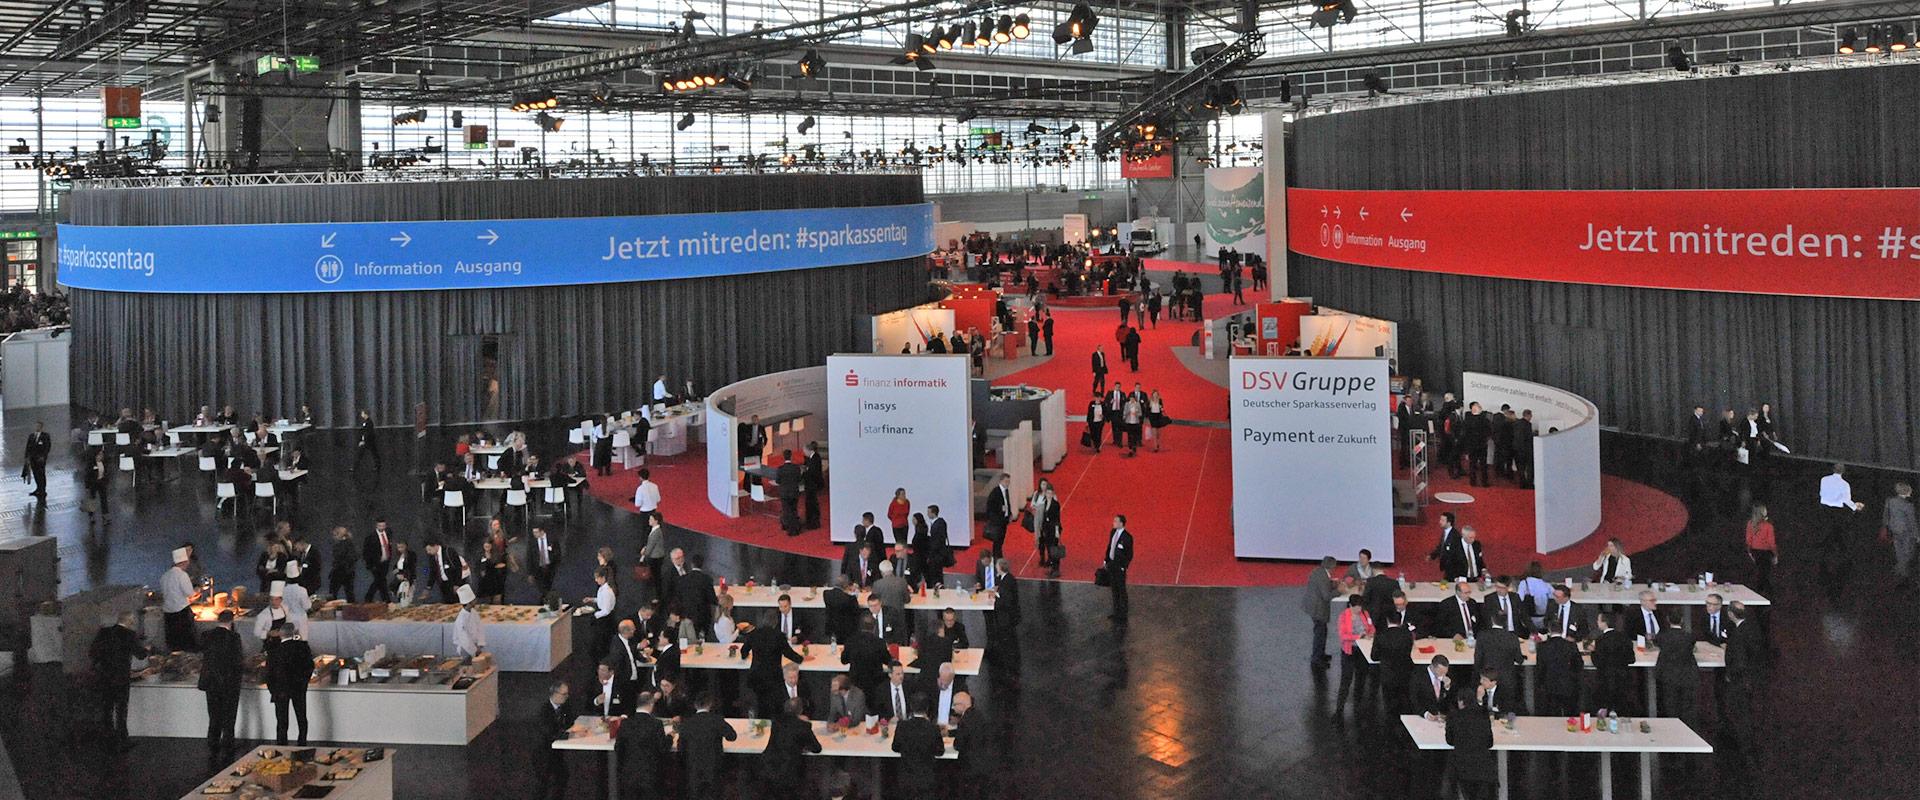 Bühnenbau Berlin - Neu erschaffene Konferenzräume Sparkassentag